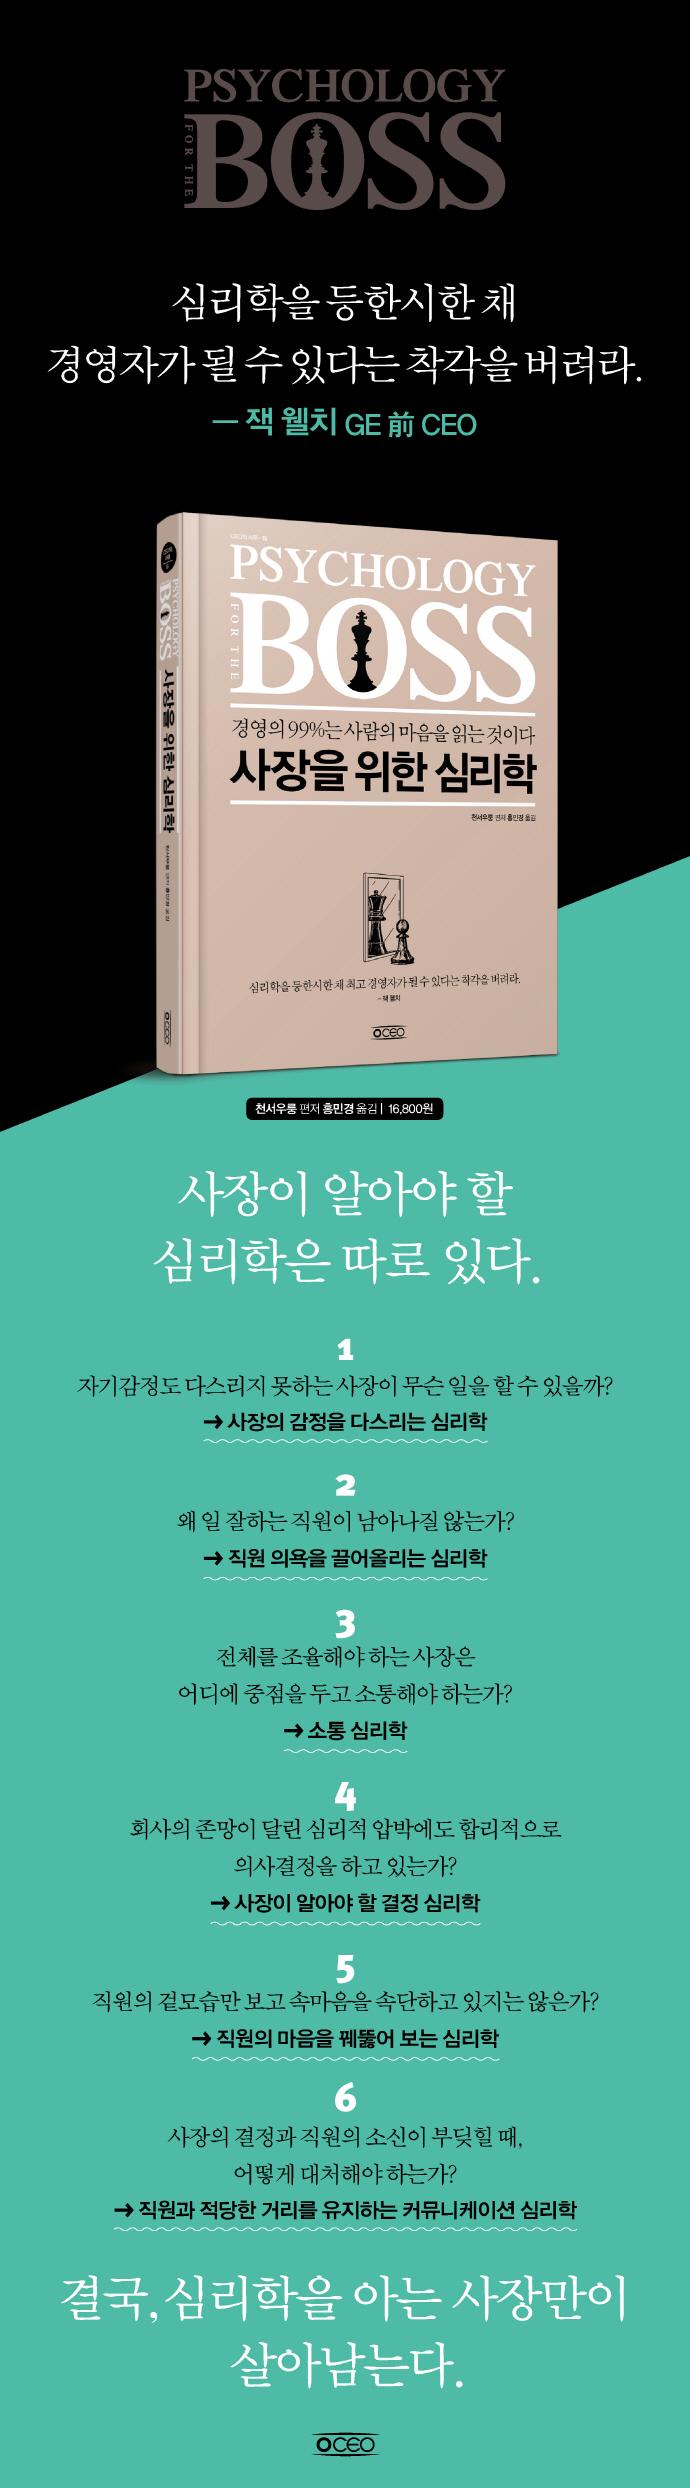 사장을 위한 심리학(CEO의 서재 시리즈 15)(양장본 HardCover) 도서 상세이미지